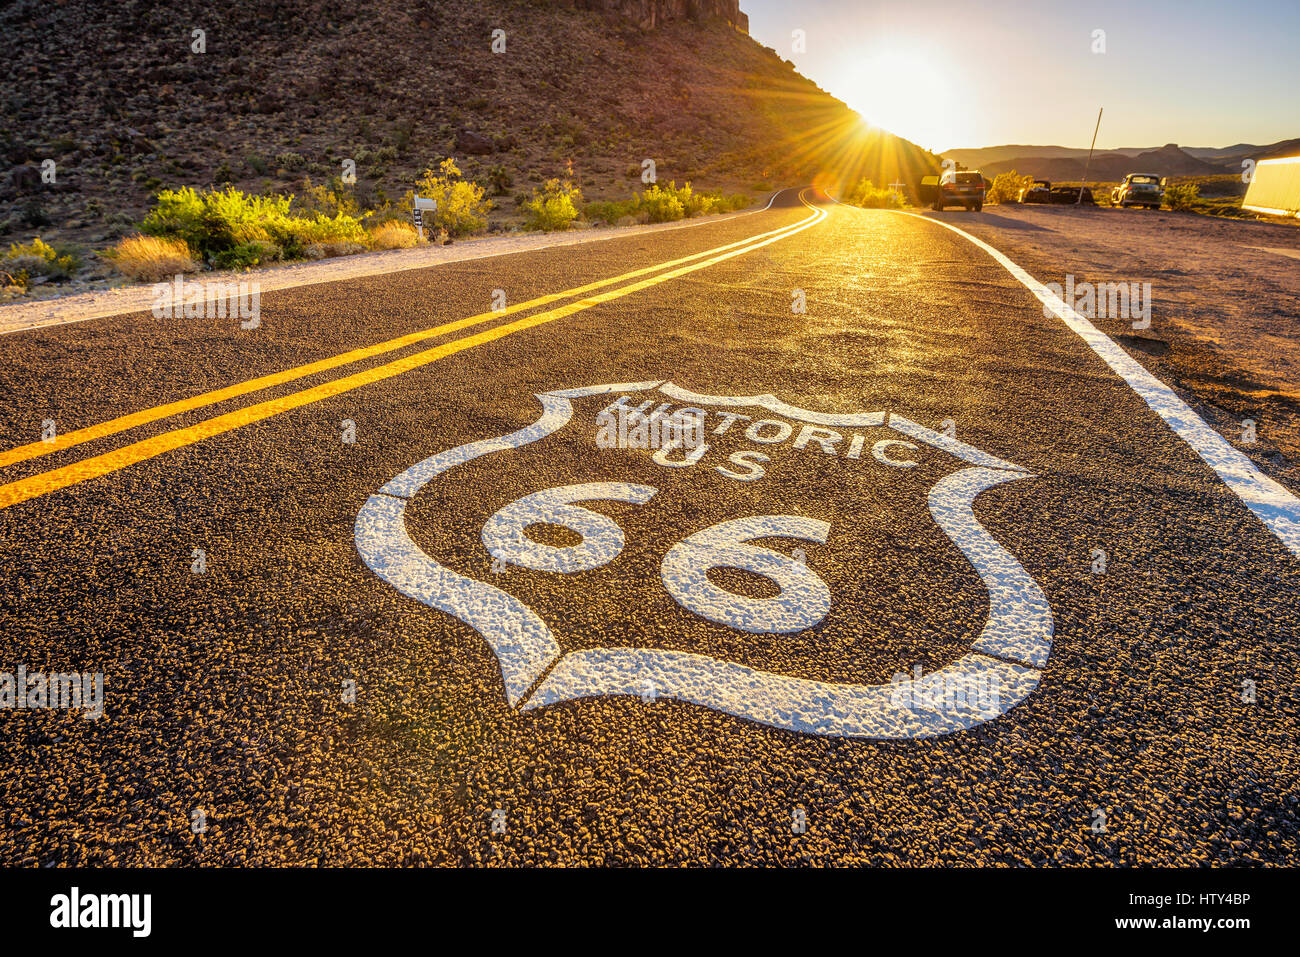 Plaque de rue sur la route 66 dans le désert de Mojave photographié contre le soleil au coucher du soleil Photo Stock